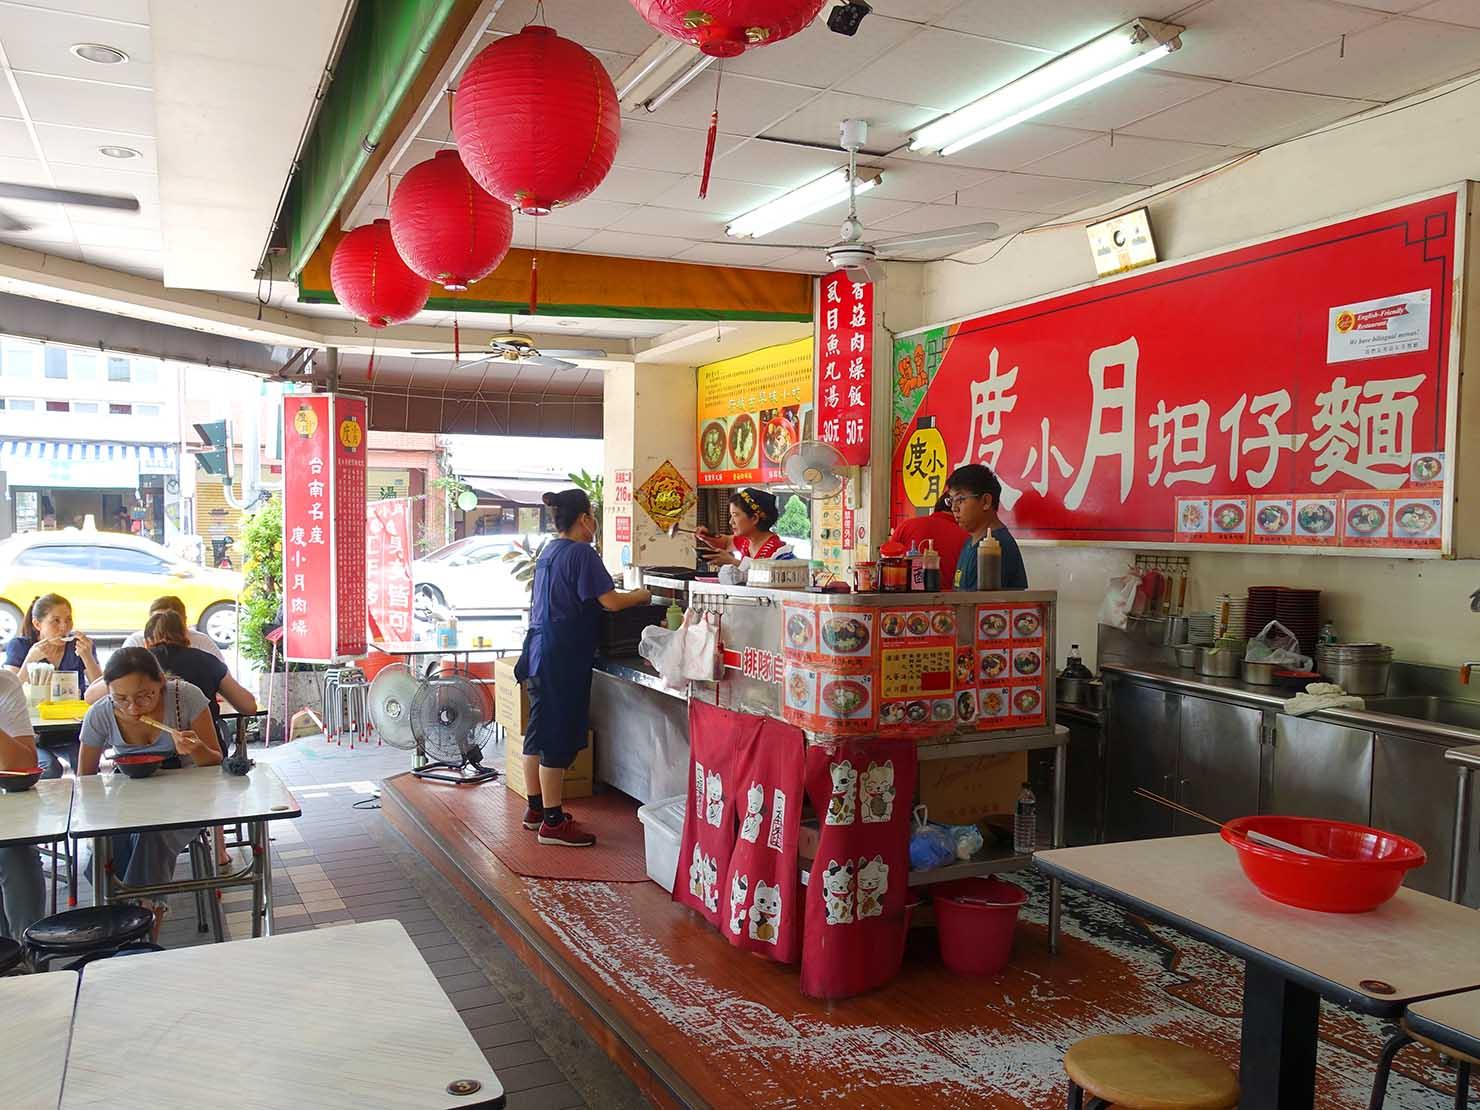 台南・赤崁樓周辺のおすすめグルメ店「度小月擔仔麵」の店内